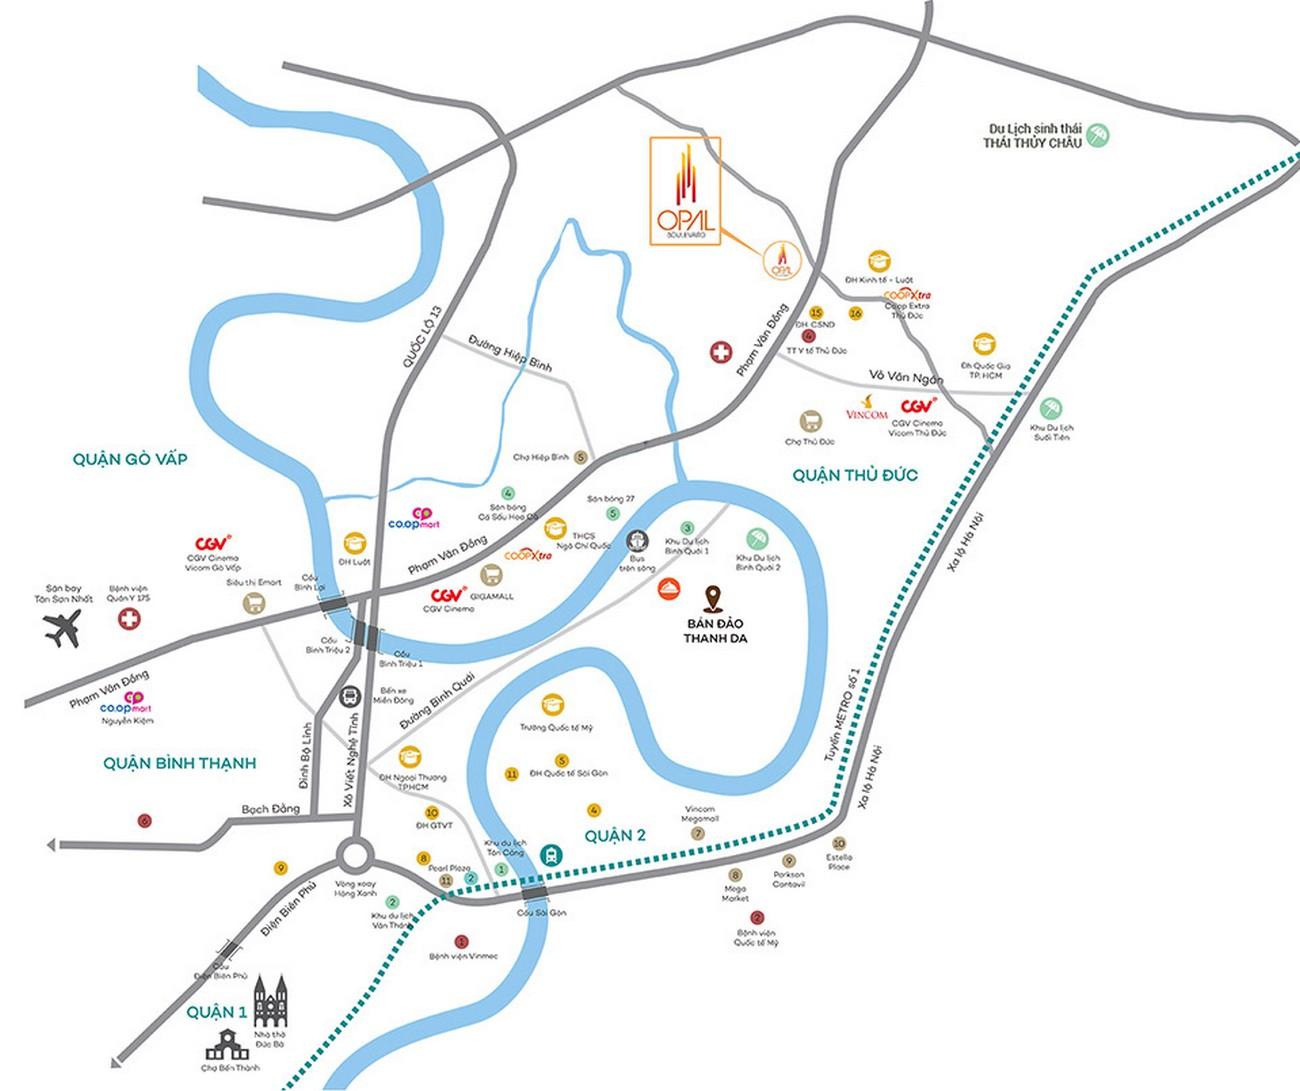 Vị trí địa chỉ dự án căn hộ chung cư Opal Boulevard Dĩ An Đường Phạm Văn Đồng chủ đầu tư Đất xanh Group